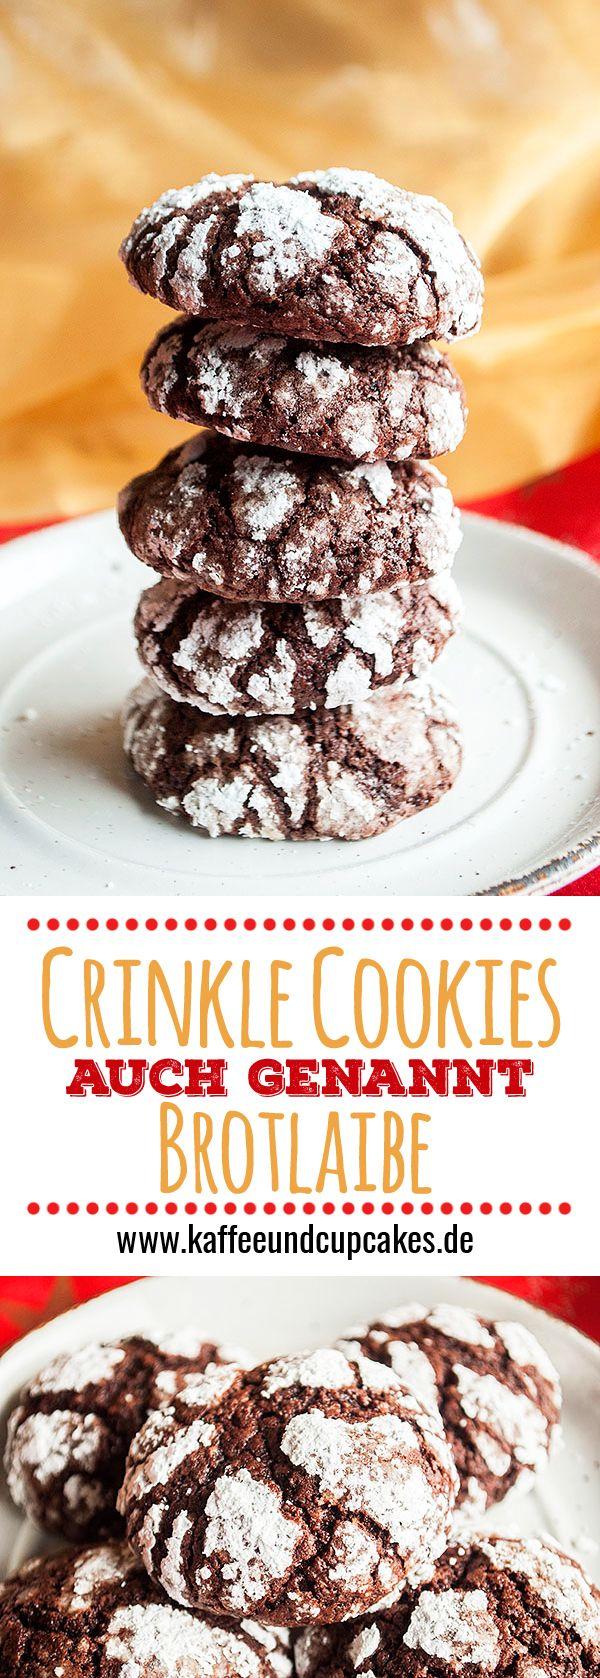 Crinkle Cookies, auch genannt Brotlaibe. Zarte Schoko-Plätzchen mit Haselnüssen. Perfekt für die Weihnachtszeit.